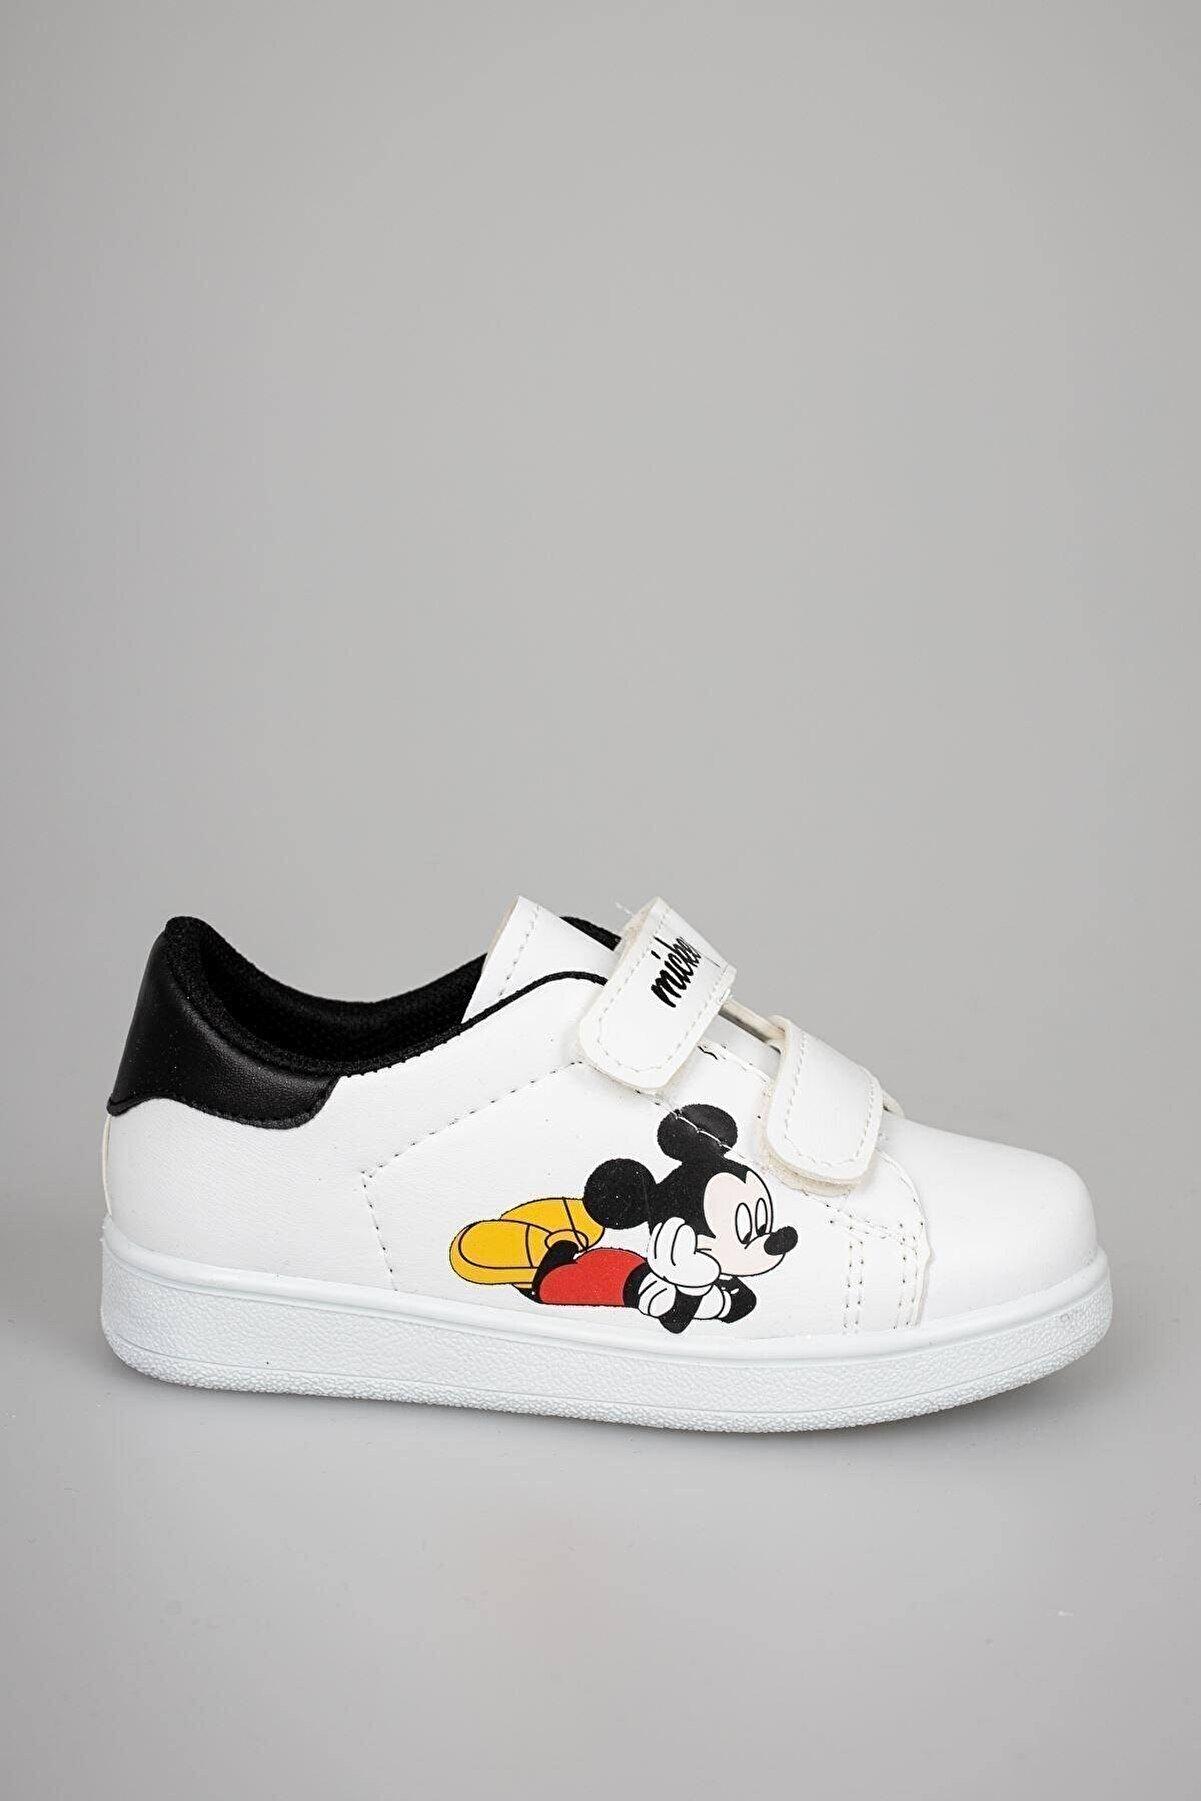 Pukka Collection Çocuk Spor Ayakkabı